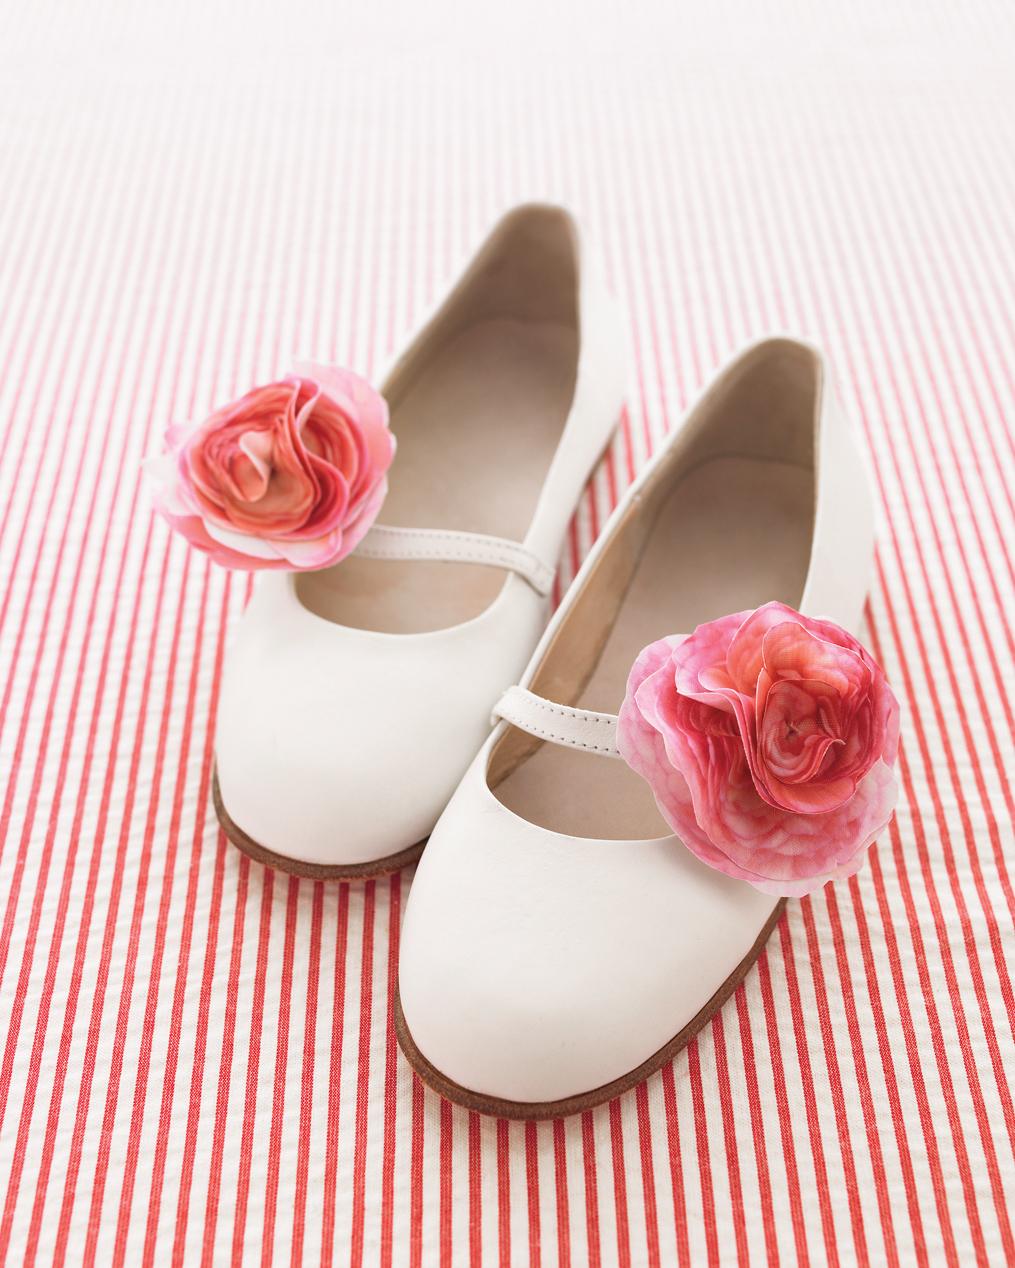 shoe-clip-full-bloom-flower-girl-su-10-0315.jpg